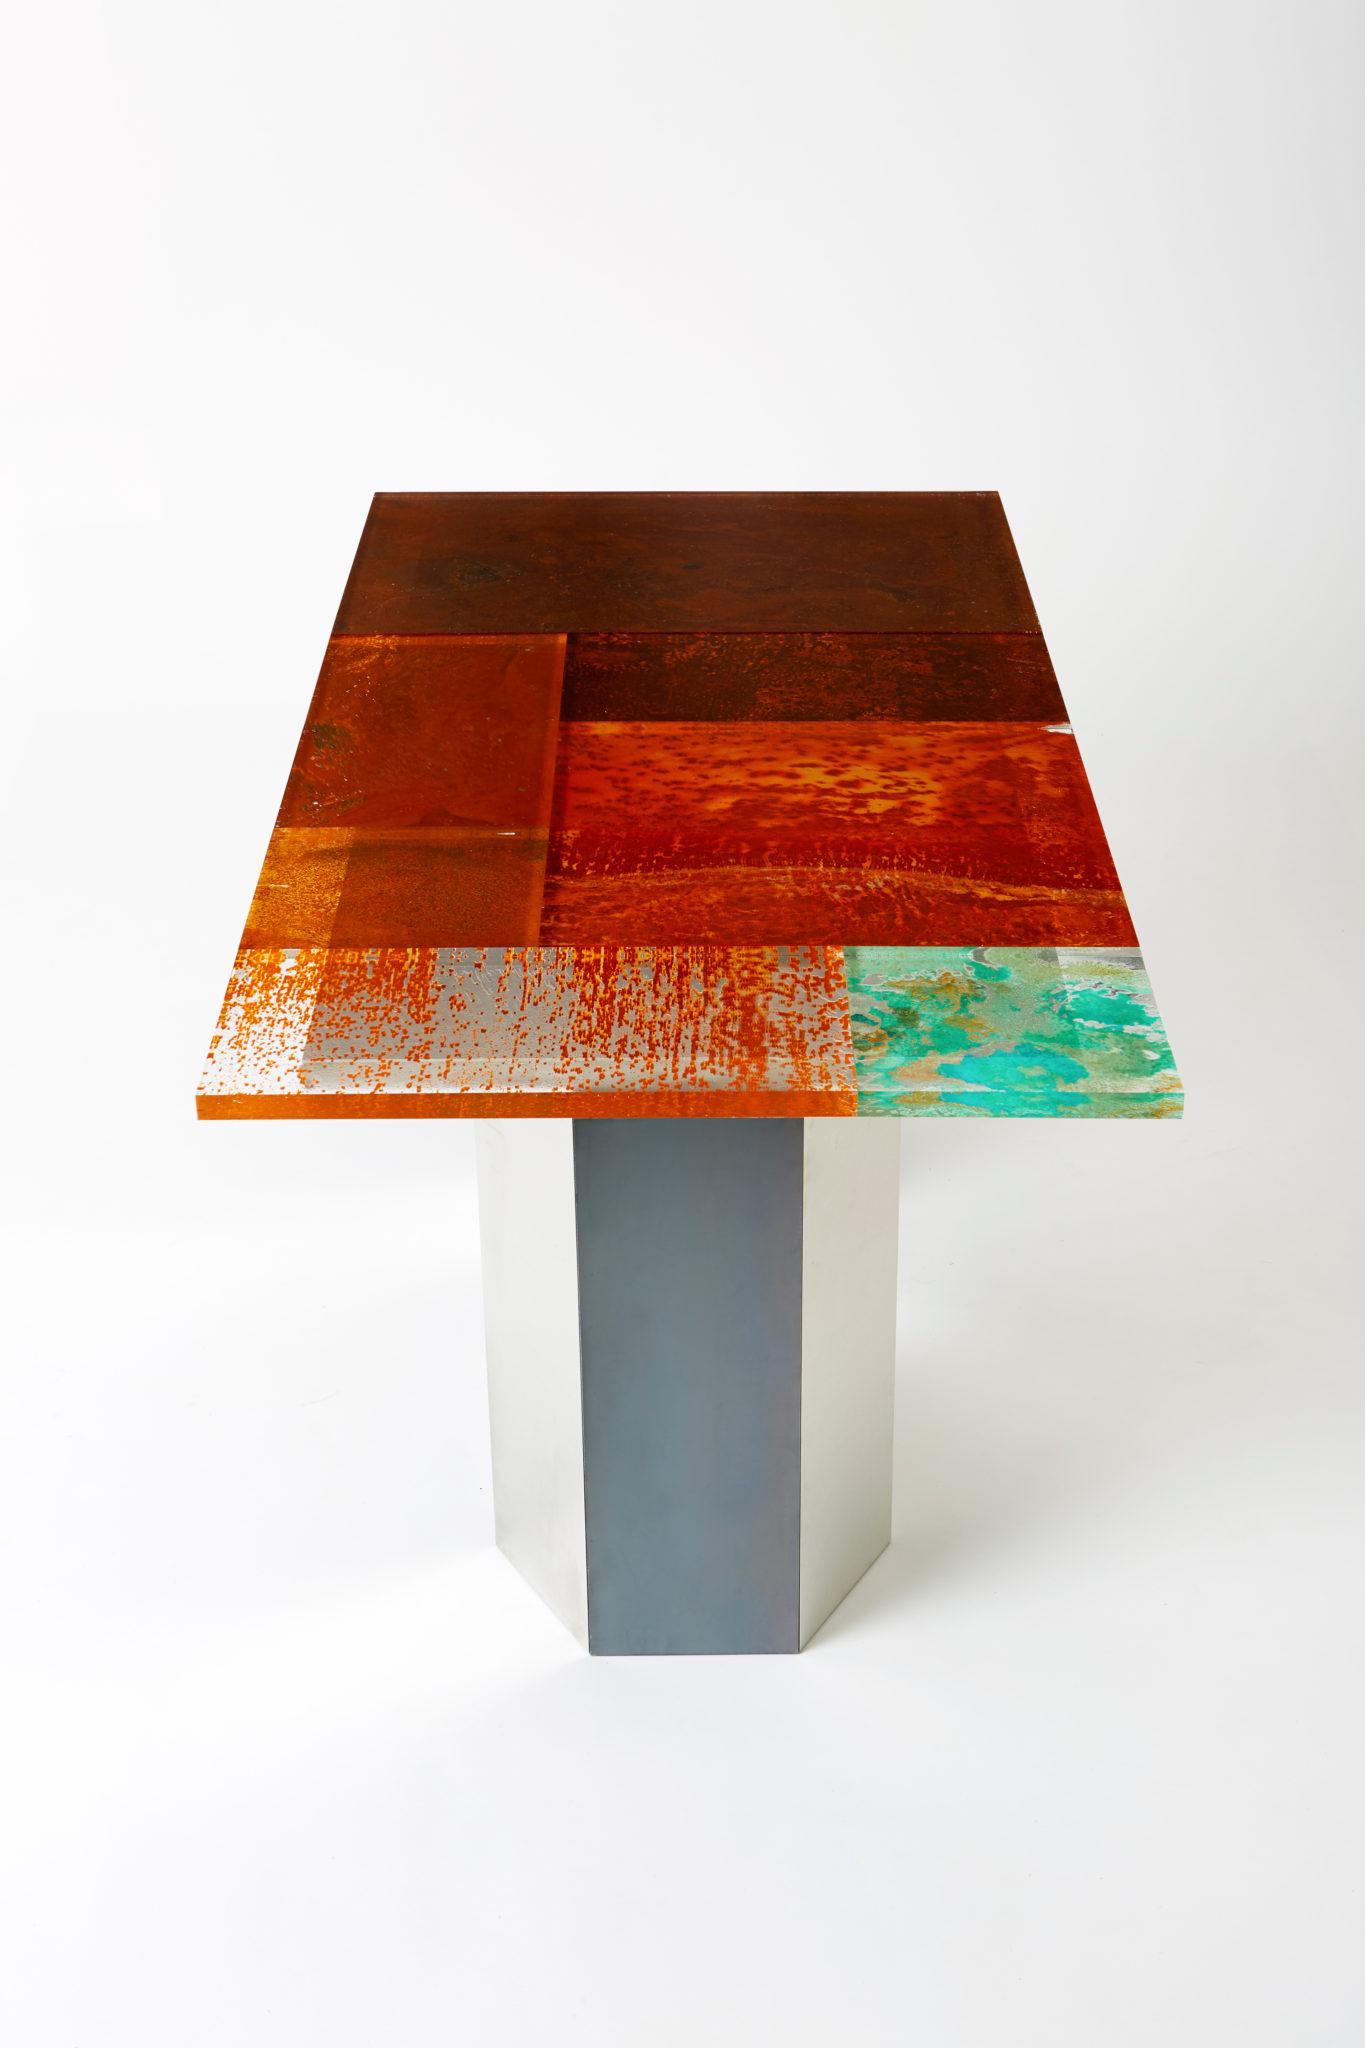 mesa de la colección Rust Harvest de Yuma Kano